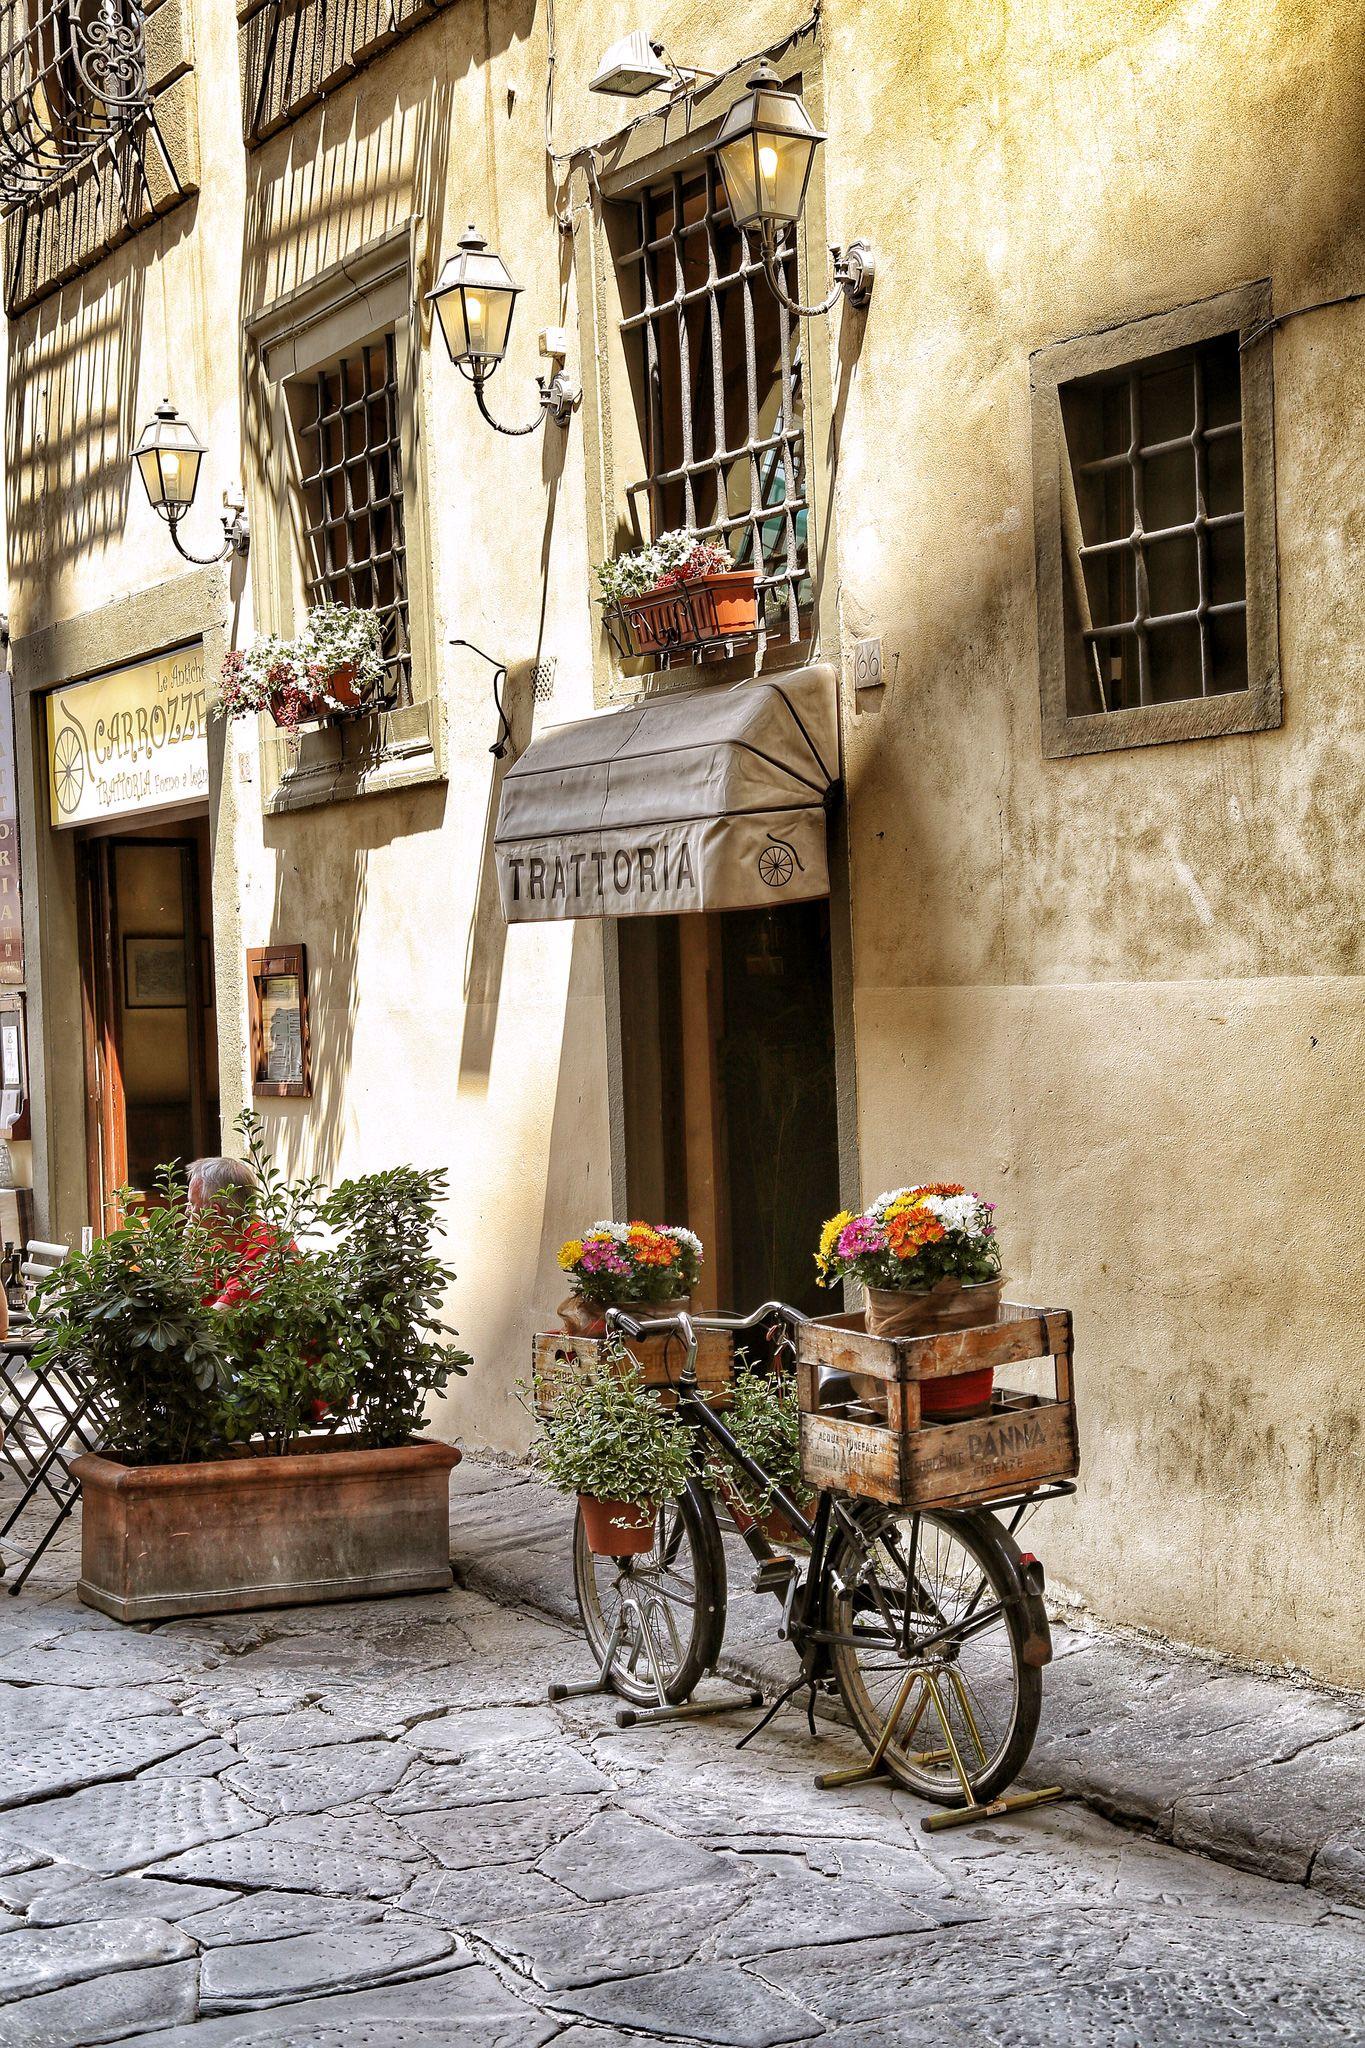 Trattoria en Florencia, Italia   Escapada a las Capitales Italianas,Roma, Florencia, Venecia, Ravena y Asis.  http://www.itacatravel.com/mejores/ofertas/viajes/italia/ITA